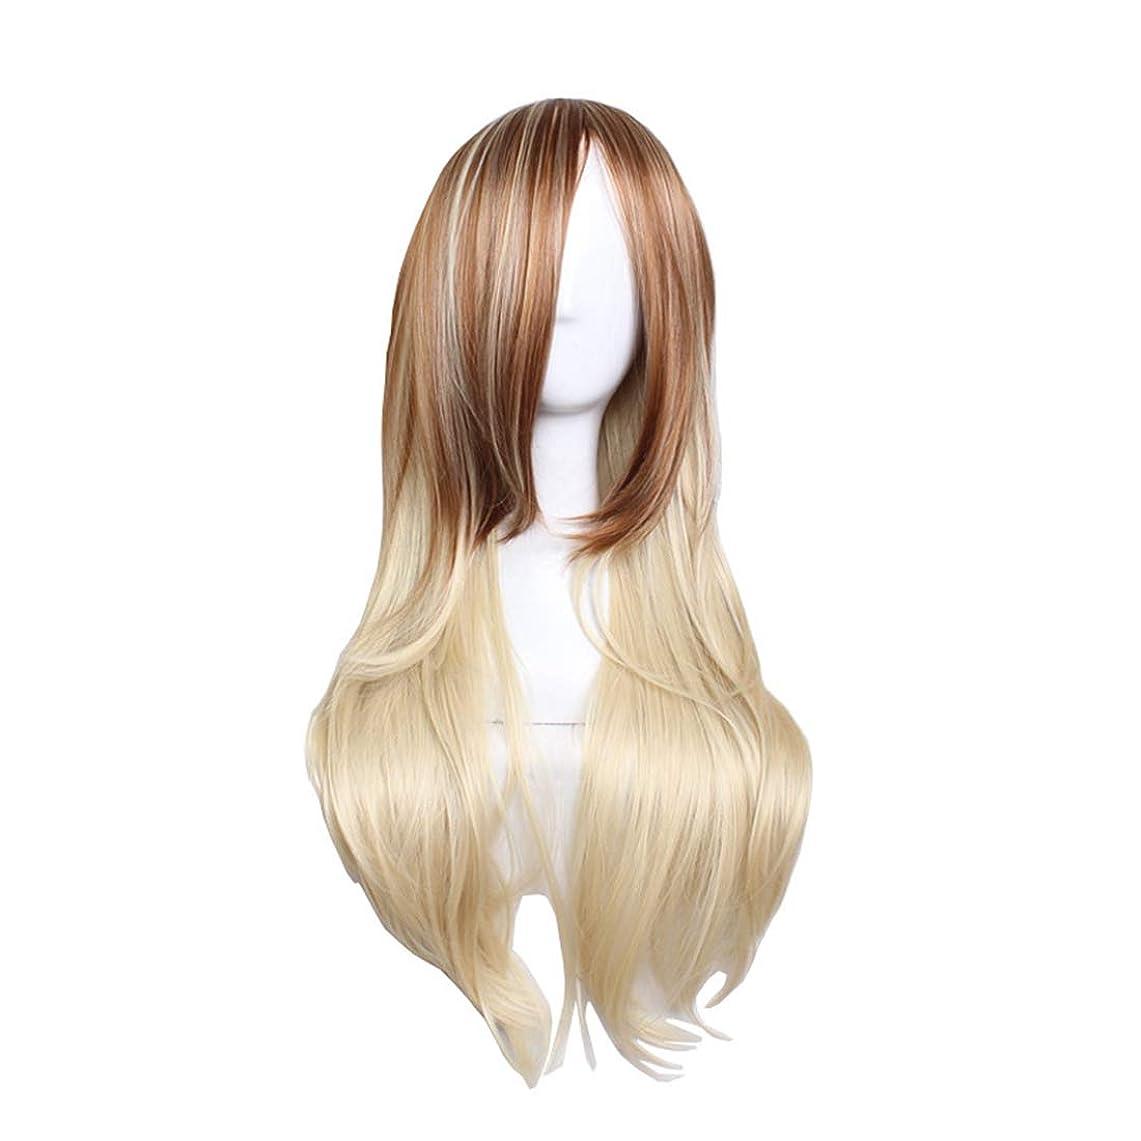 標準比喩現実にはJIANFU コスプレ ファッション ロング バンズ 長い カーリー 髪 グラデーション ゴールデン ビッグ ウェーブ ウィッグ (Color : Brown gradient pale gold)